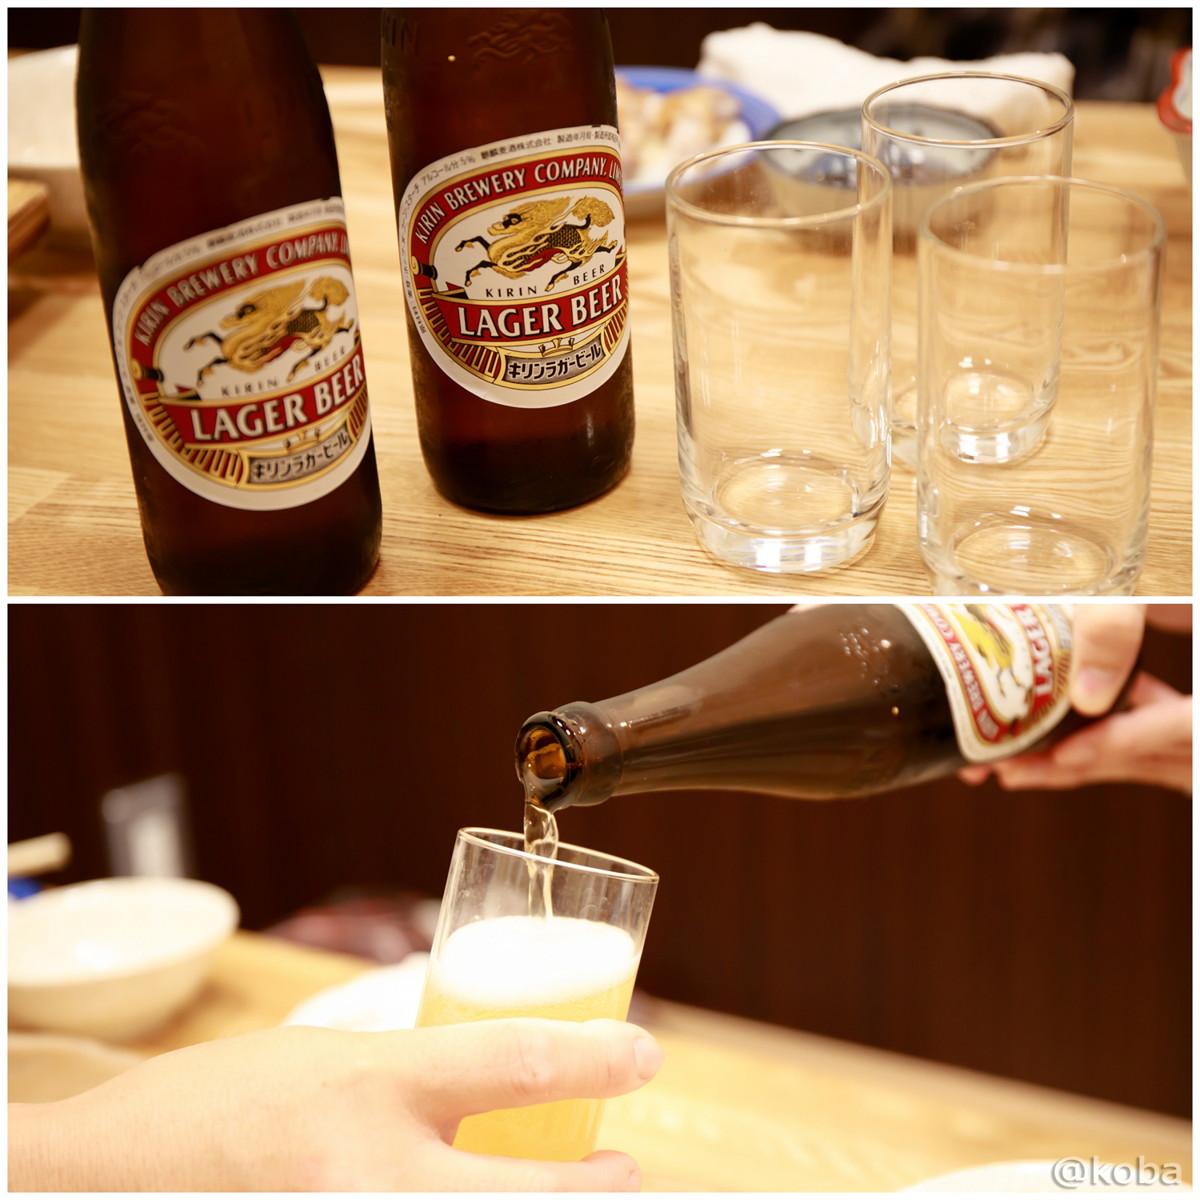 キリンラガービール 小瓶(334ml) 400円│鳥益(とります)│焼鳥 居酒屋│東京│新小岩ブログ